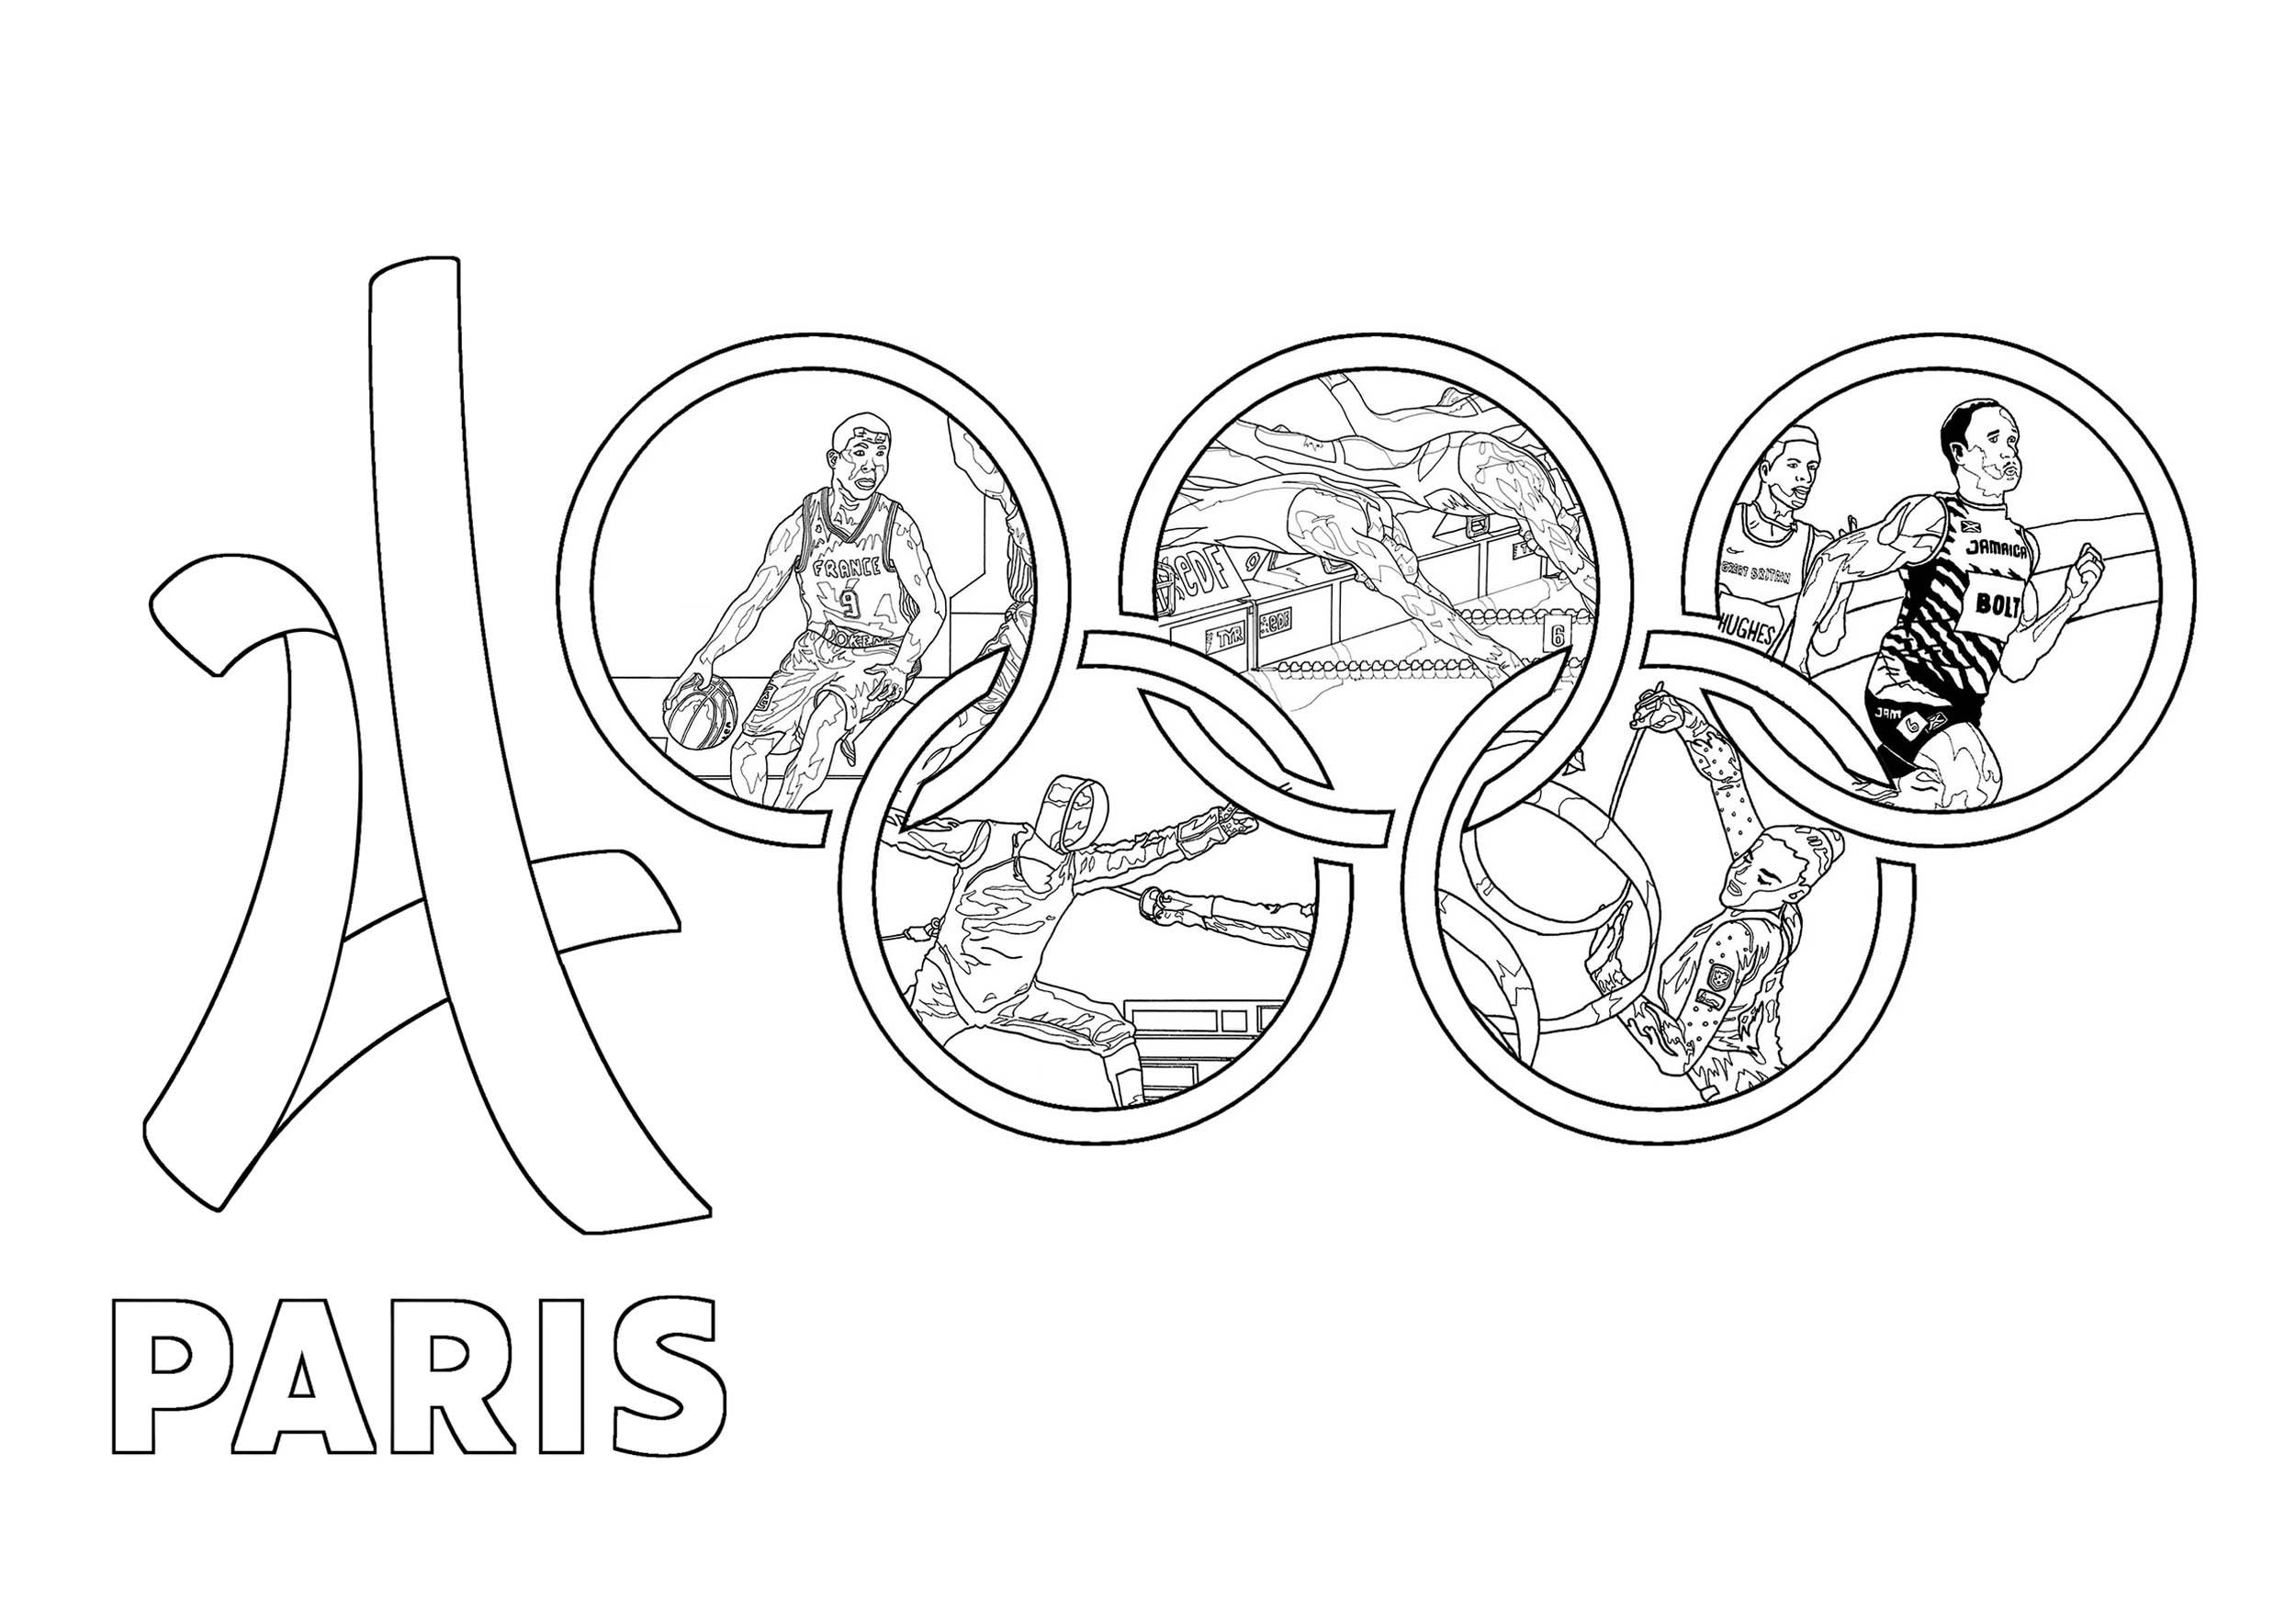 Coloriage pour les Jeux Olympiques de Paris 2024 : Différents sports, Logo et anneaux olympiques